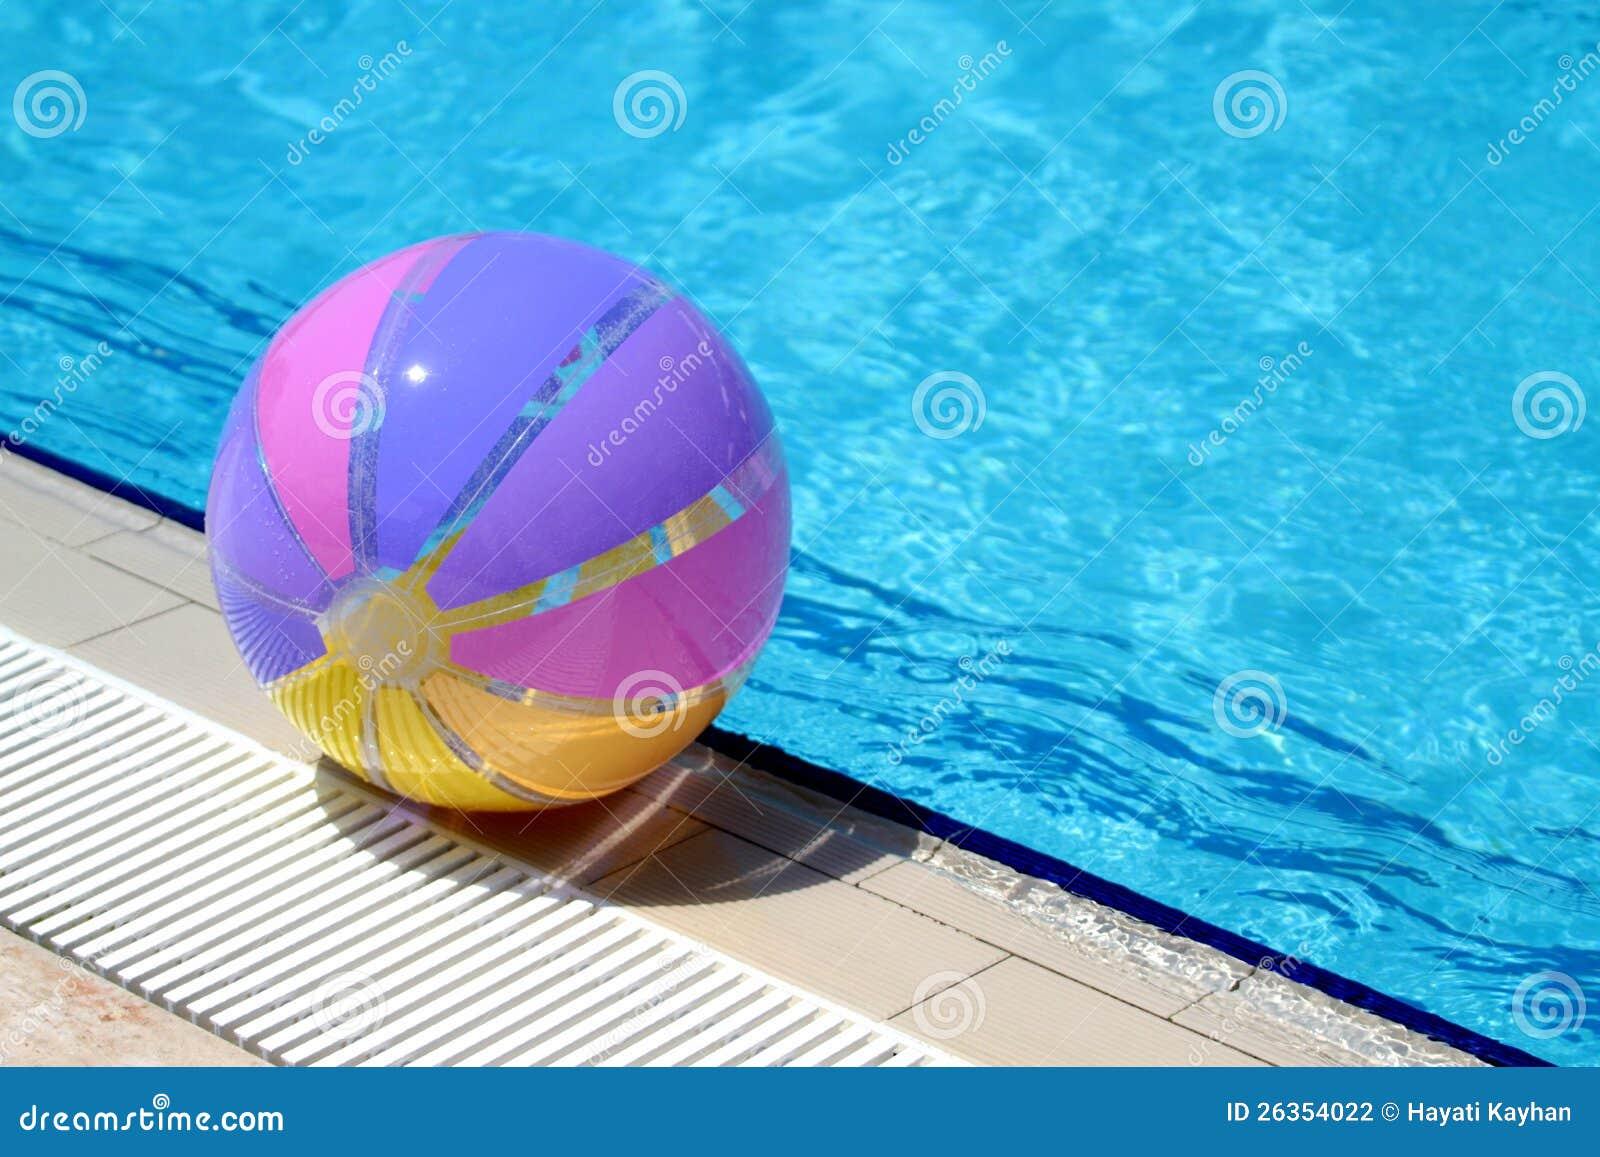 Beachball und Schwimmbad. Sommerferien